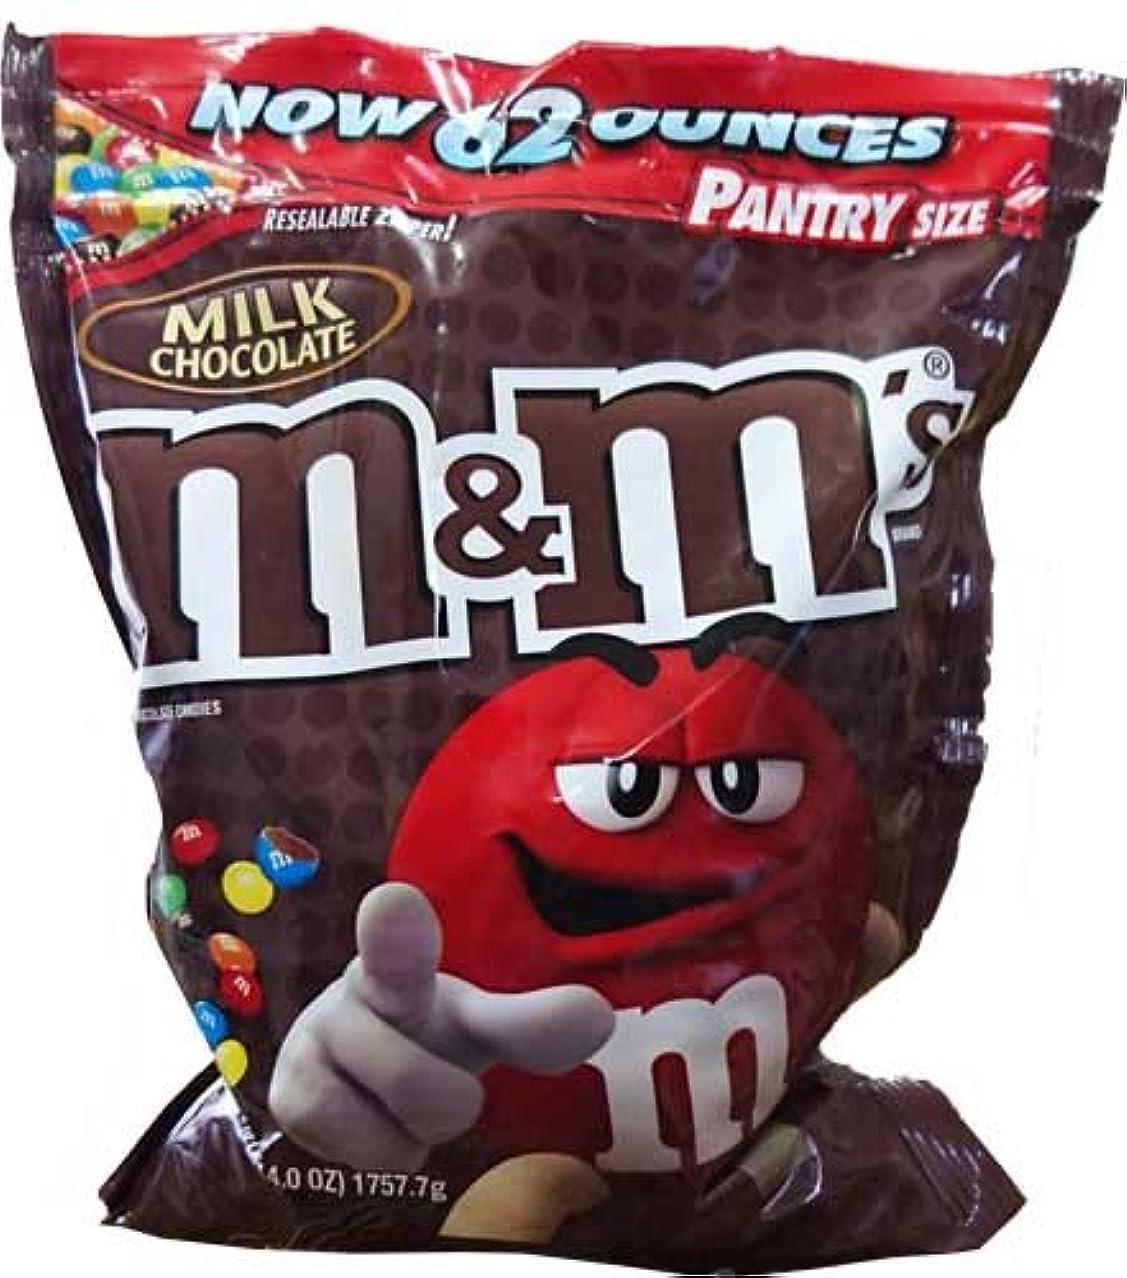 はちみつ有毒な贅沢なM&M's エムアンドエムズ ミルクチョコレートプレイン 62oz 1757g